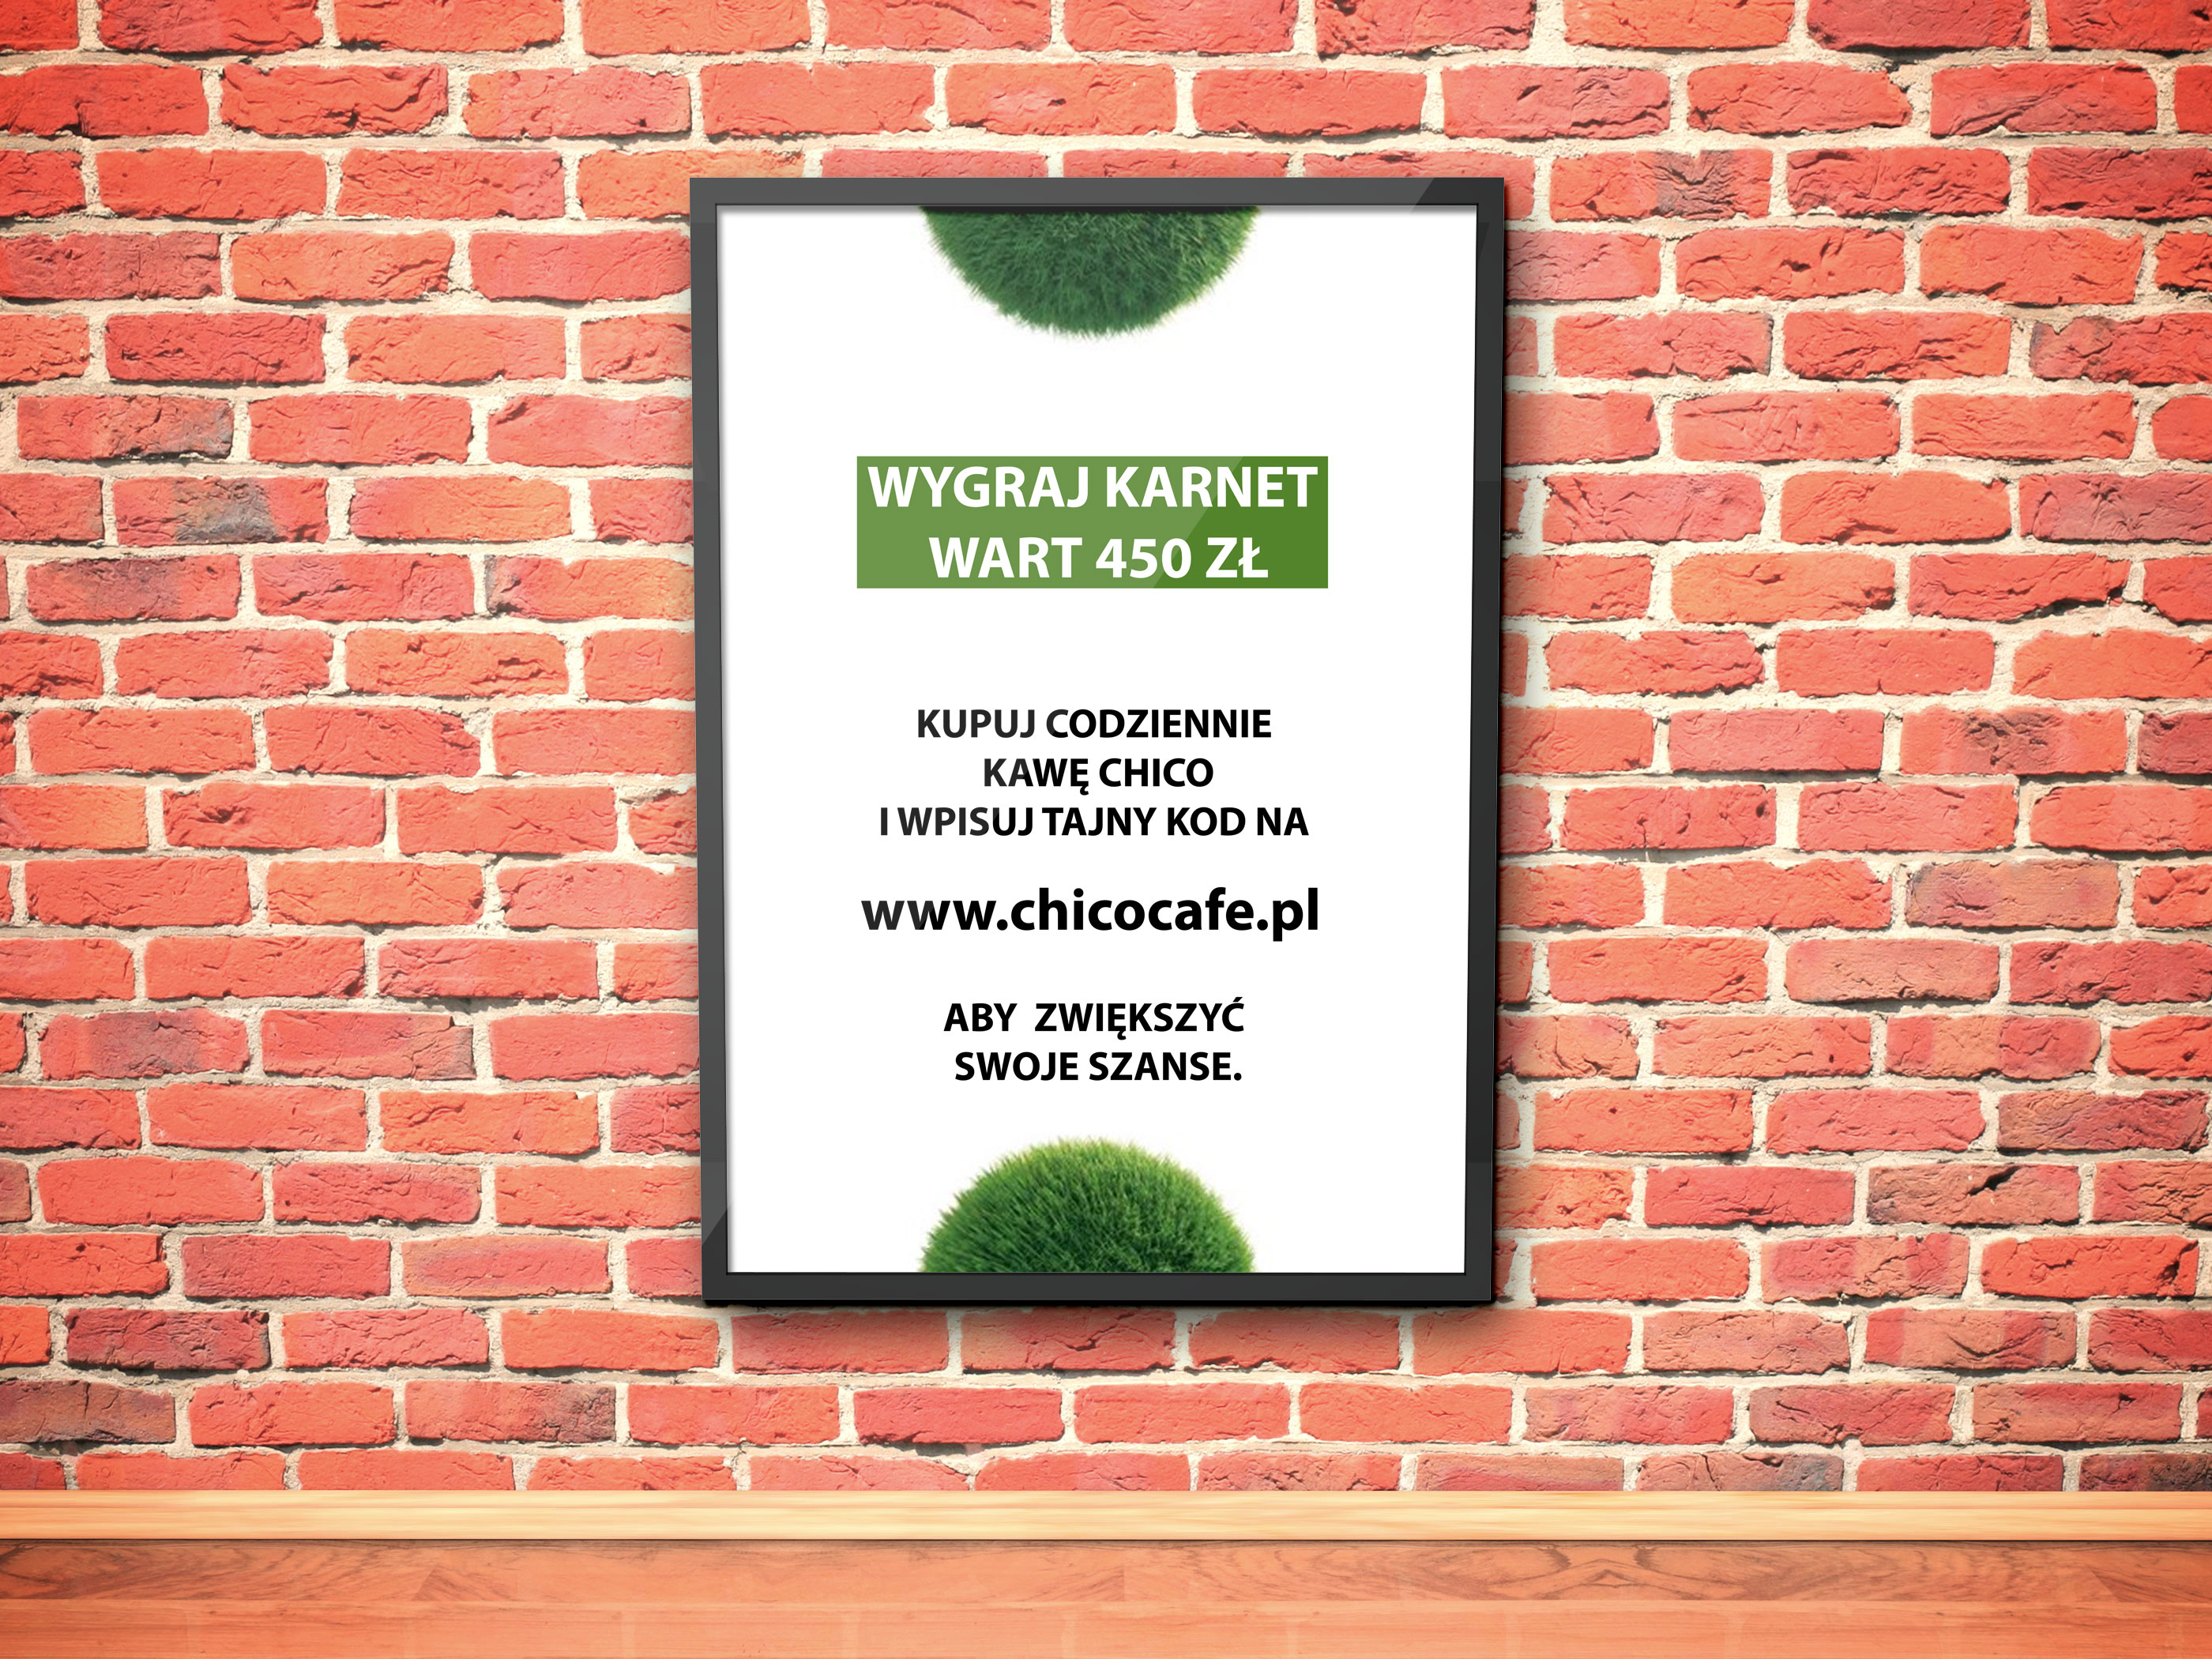 Plakat promujący akcję. Jak zwiększyć sprzedaż w restauracji poprzez konkurs.